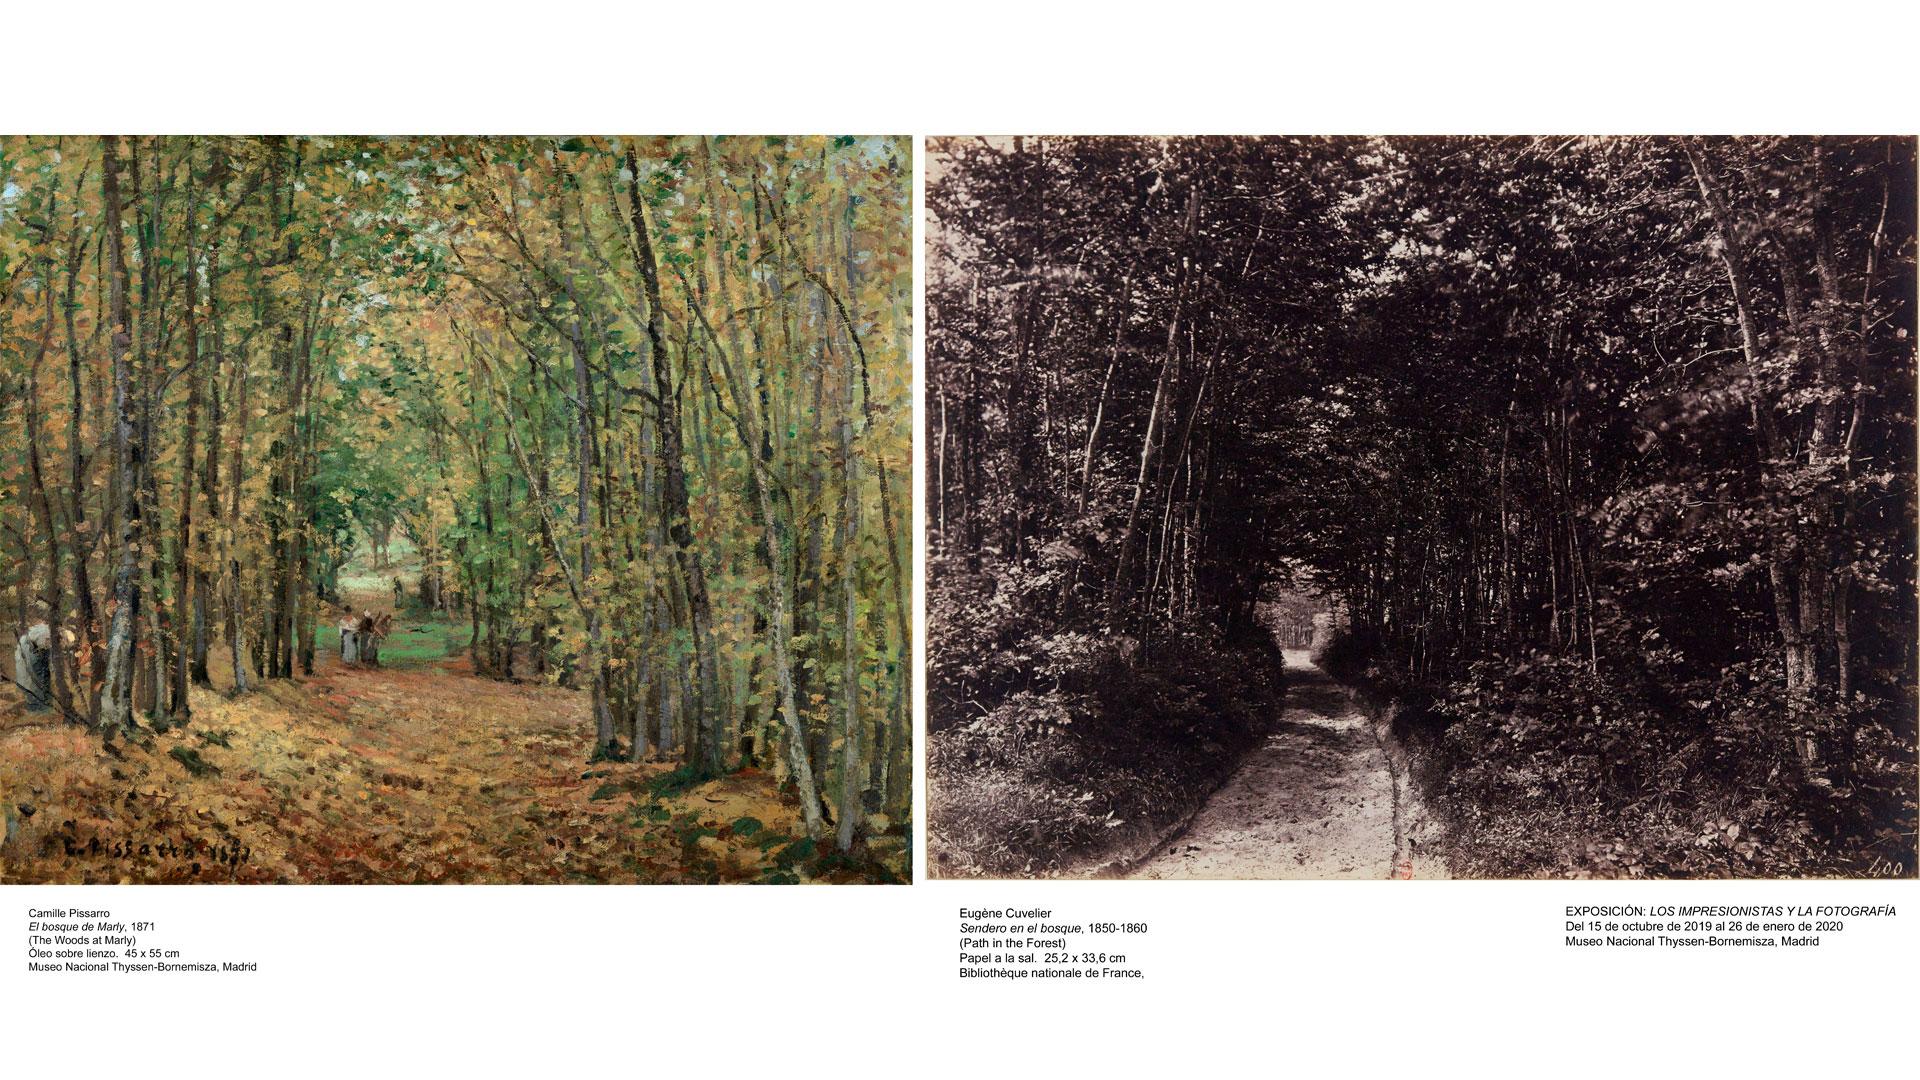 Imagen de la exposición Los impresionistas y la fotografía en el Thyssen